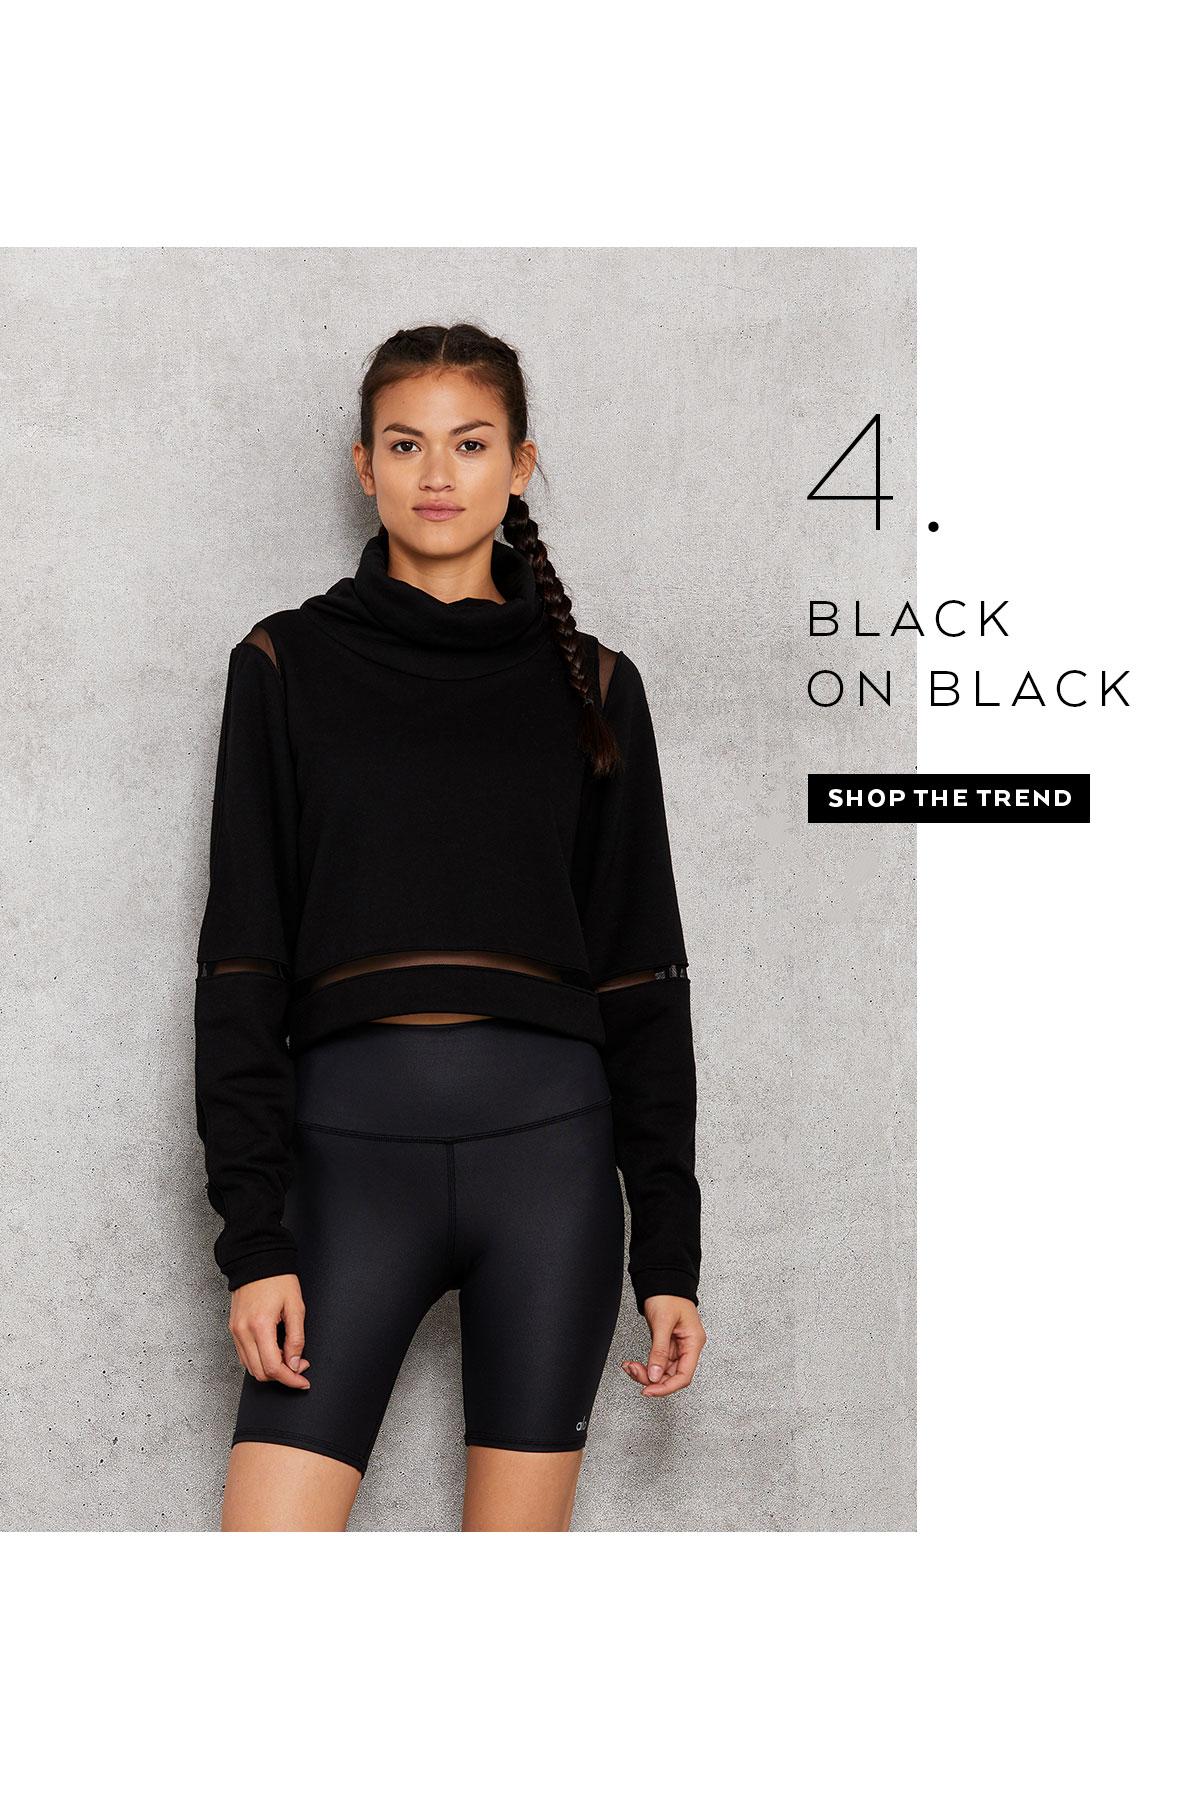 BLACK ON BLACK - SHOP NOW